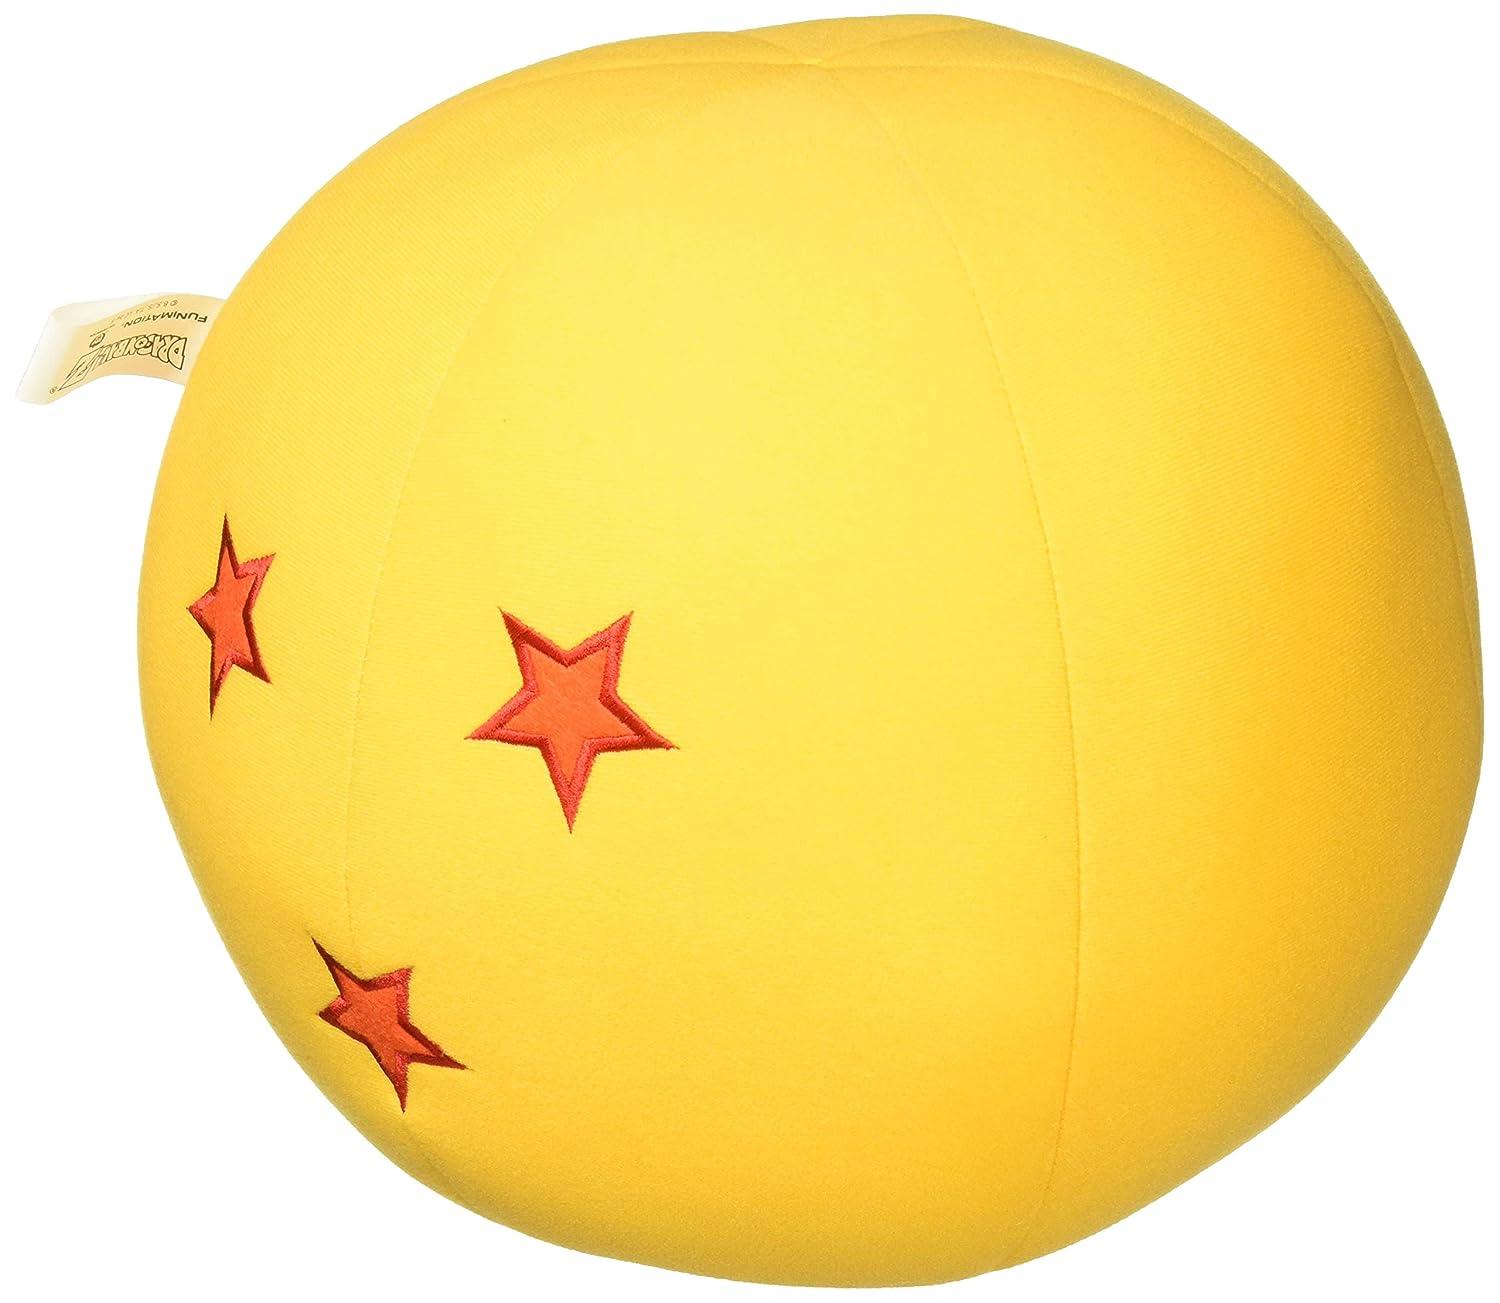 oferta especial Dragon Ball Ball Ball Dragon Ball Z   3 de la Peluche  El ultimo 2018